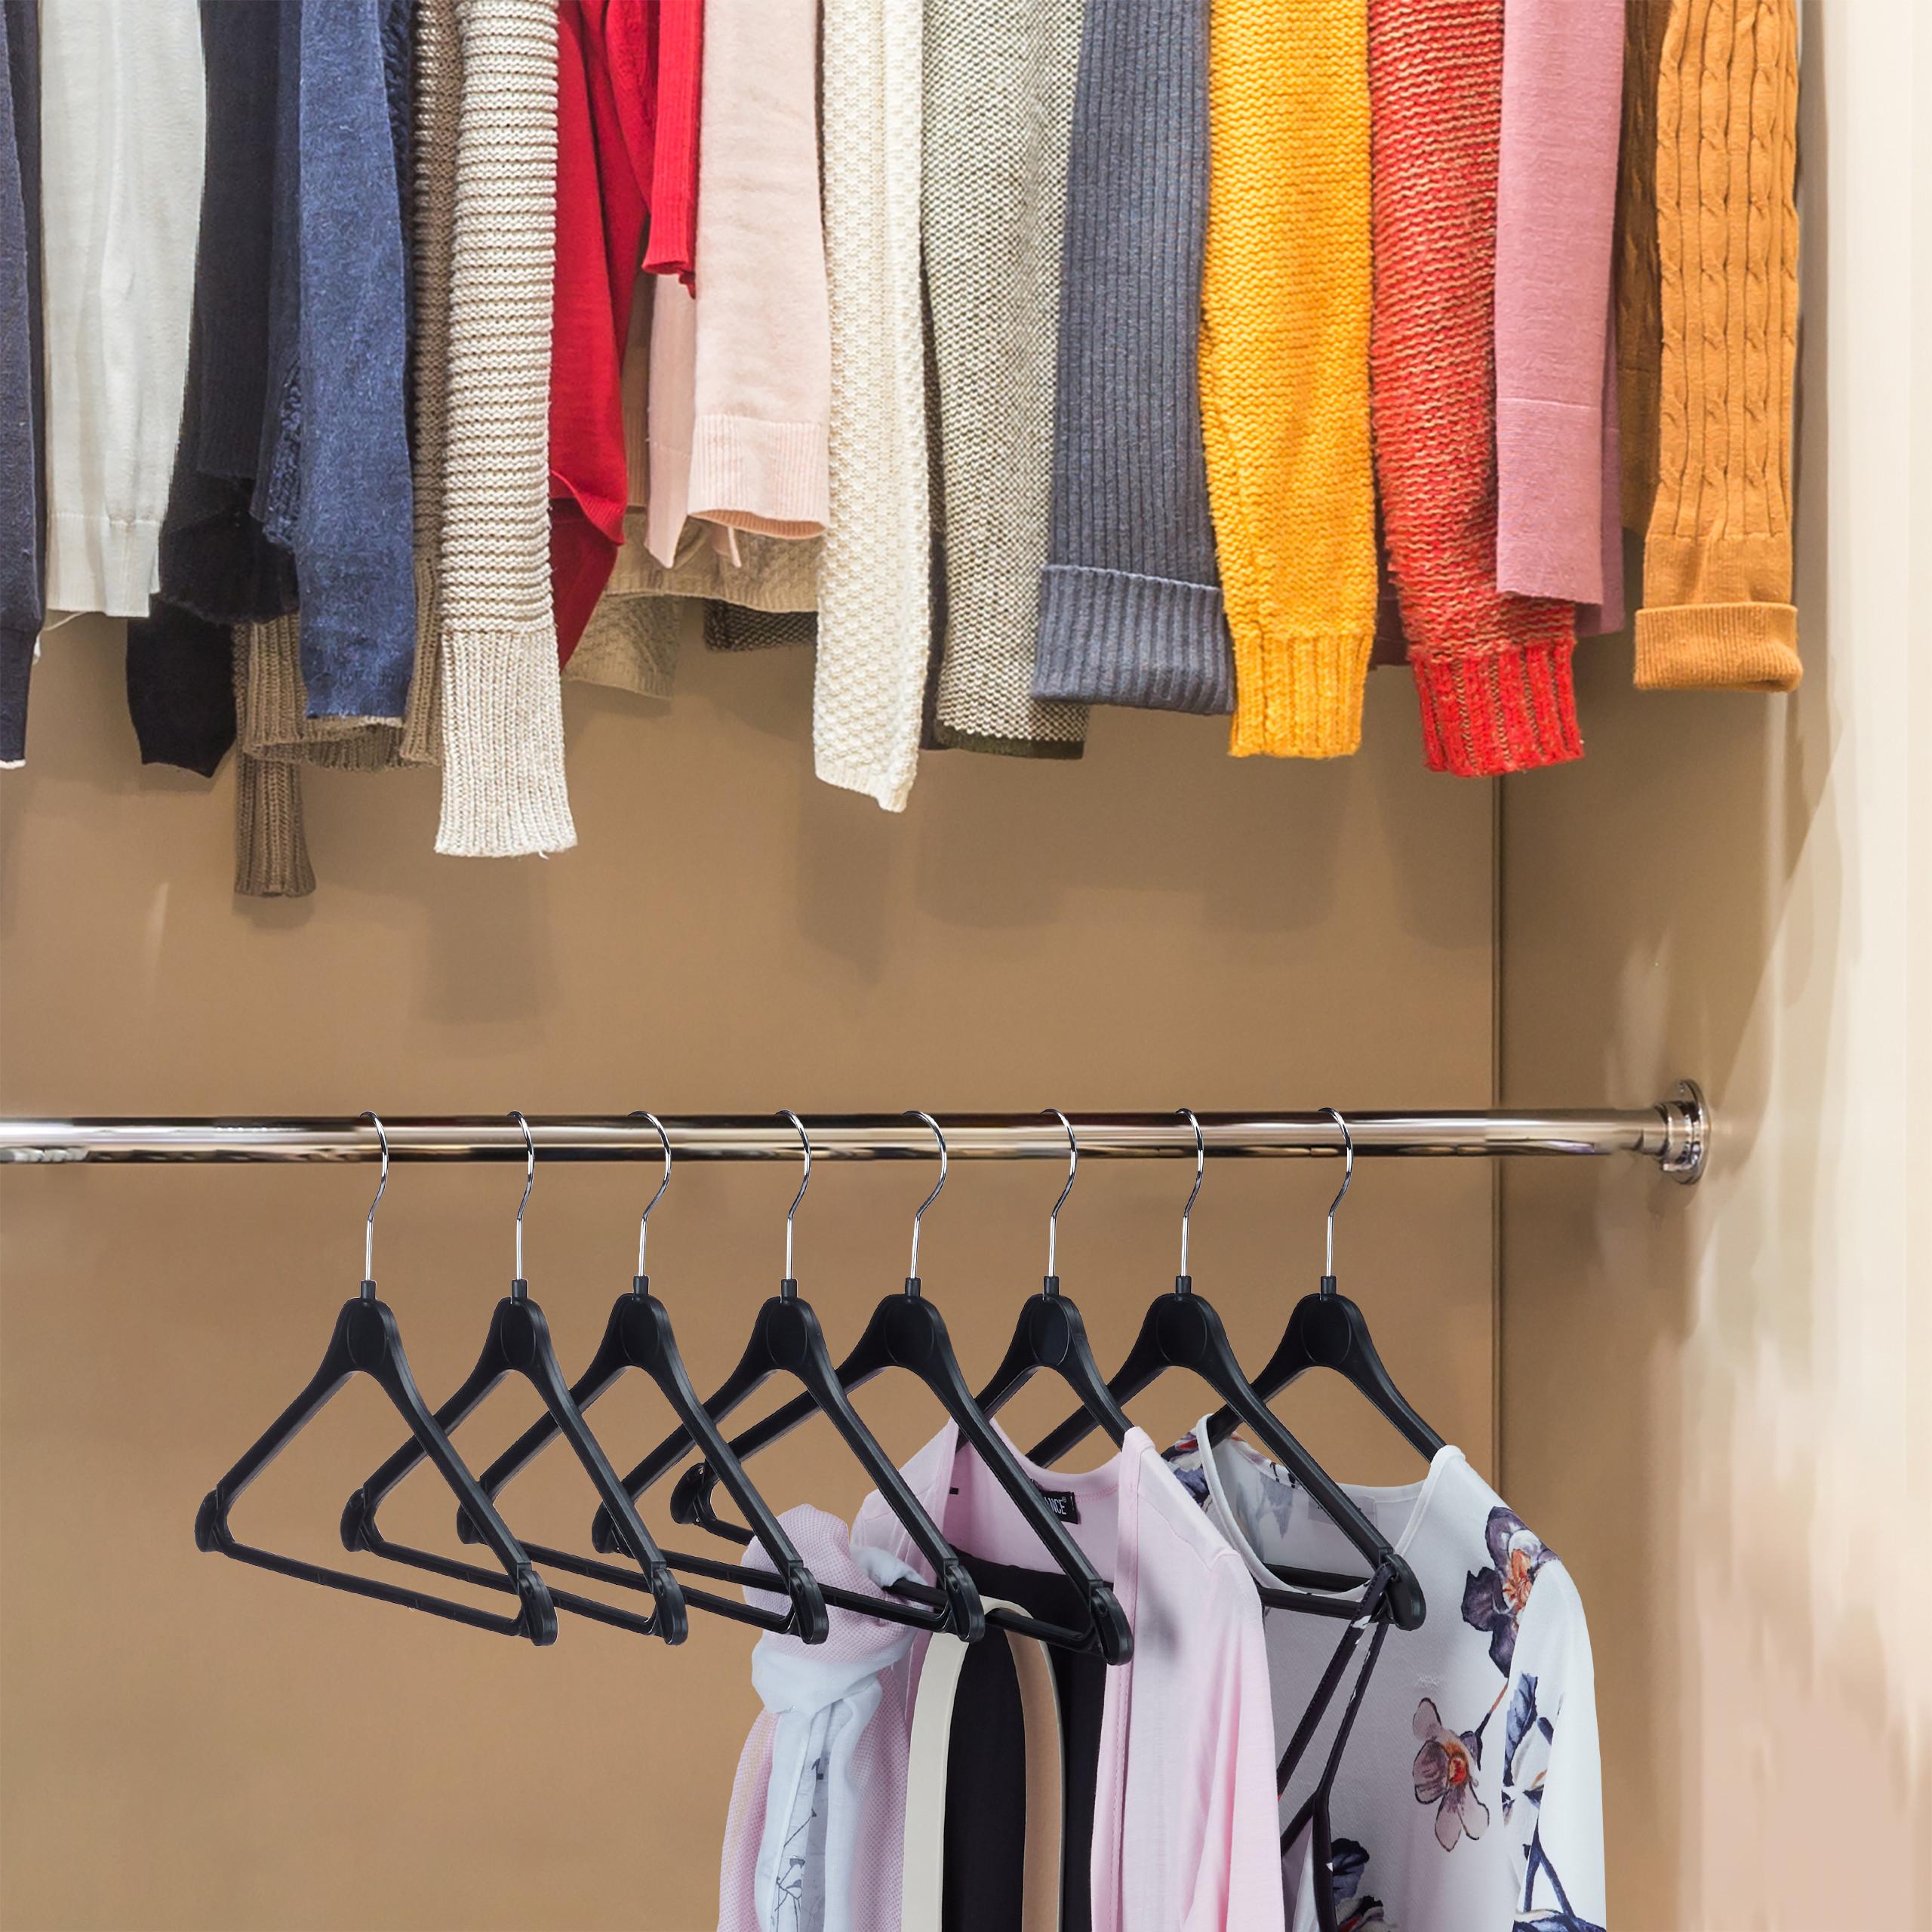 Kleiderbügel Rockbügel Hemdbügel Kunststoffbügel Set Hosenbügel Hosenstange